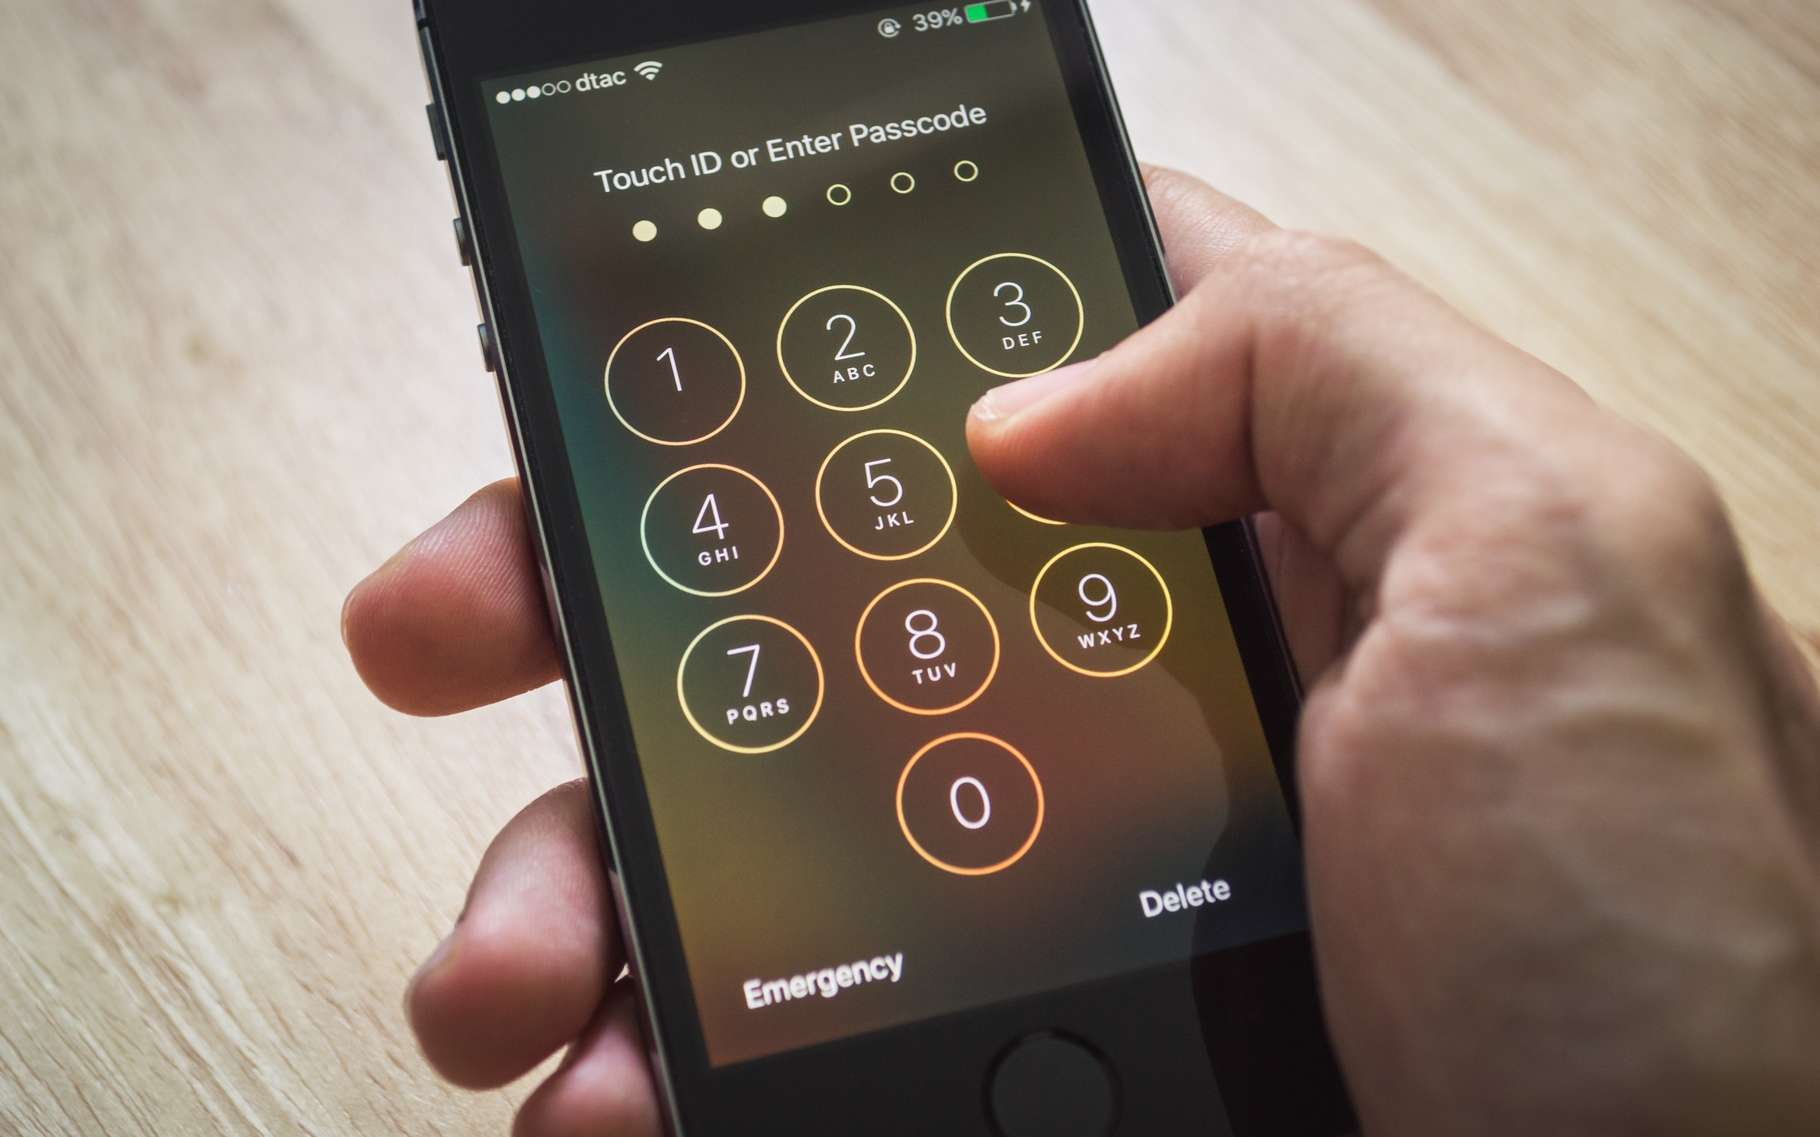 Alors qu'Apple refusait d'aider le FBI à contourner la sécurité de l'iPhone 5c de l'un des tueurs de San Bernardino, l'agence fédérale a fait appel à un intervenant tiers qui lui a semble-t-il fourni le moyen d'exploiter une faille de sécurité inédite. © Wachiwit, Shutterstock